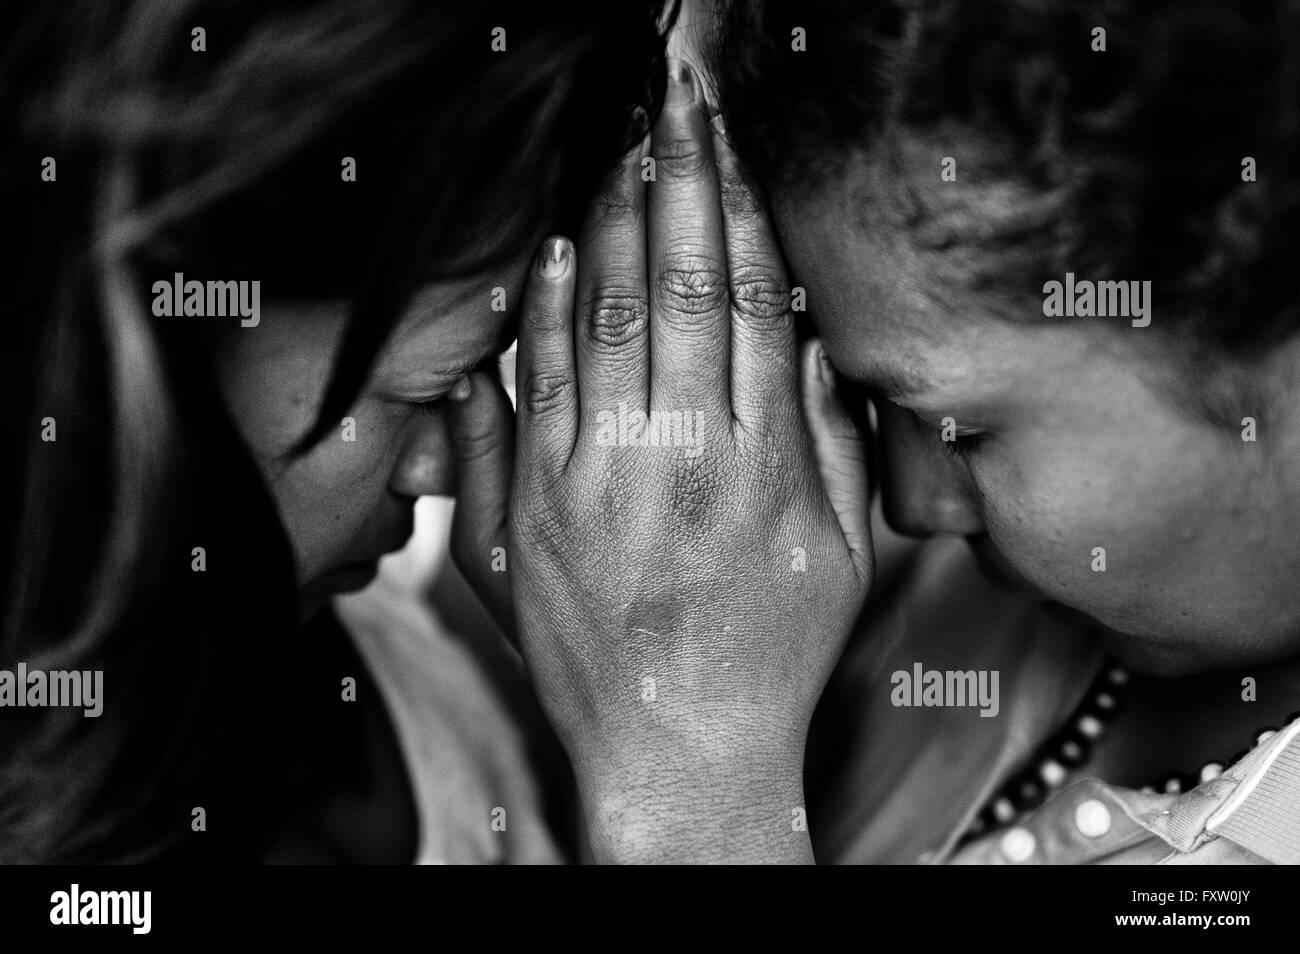 Las mujeres colombianas, con las manos juntas, orar durante la ceremonia religiosa realizada en una casa de la iglesia Imagen De Stock